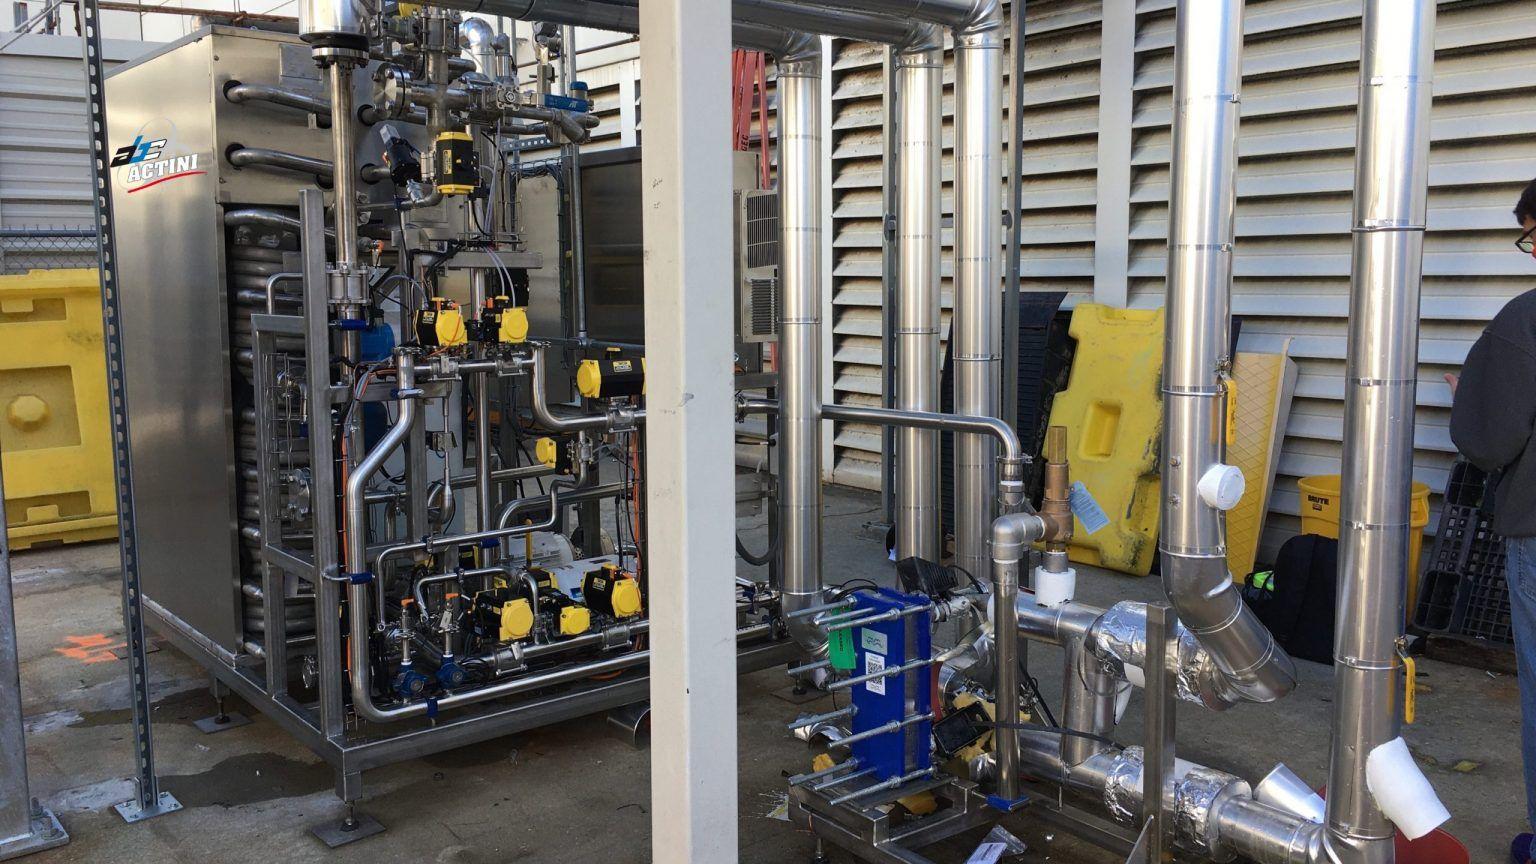 ULT+ - 3,000 lph - biowaste decontamination system - ABC Actini 3